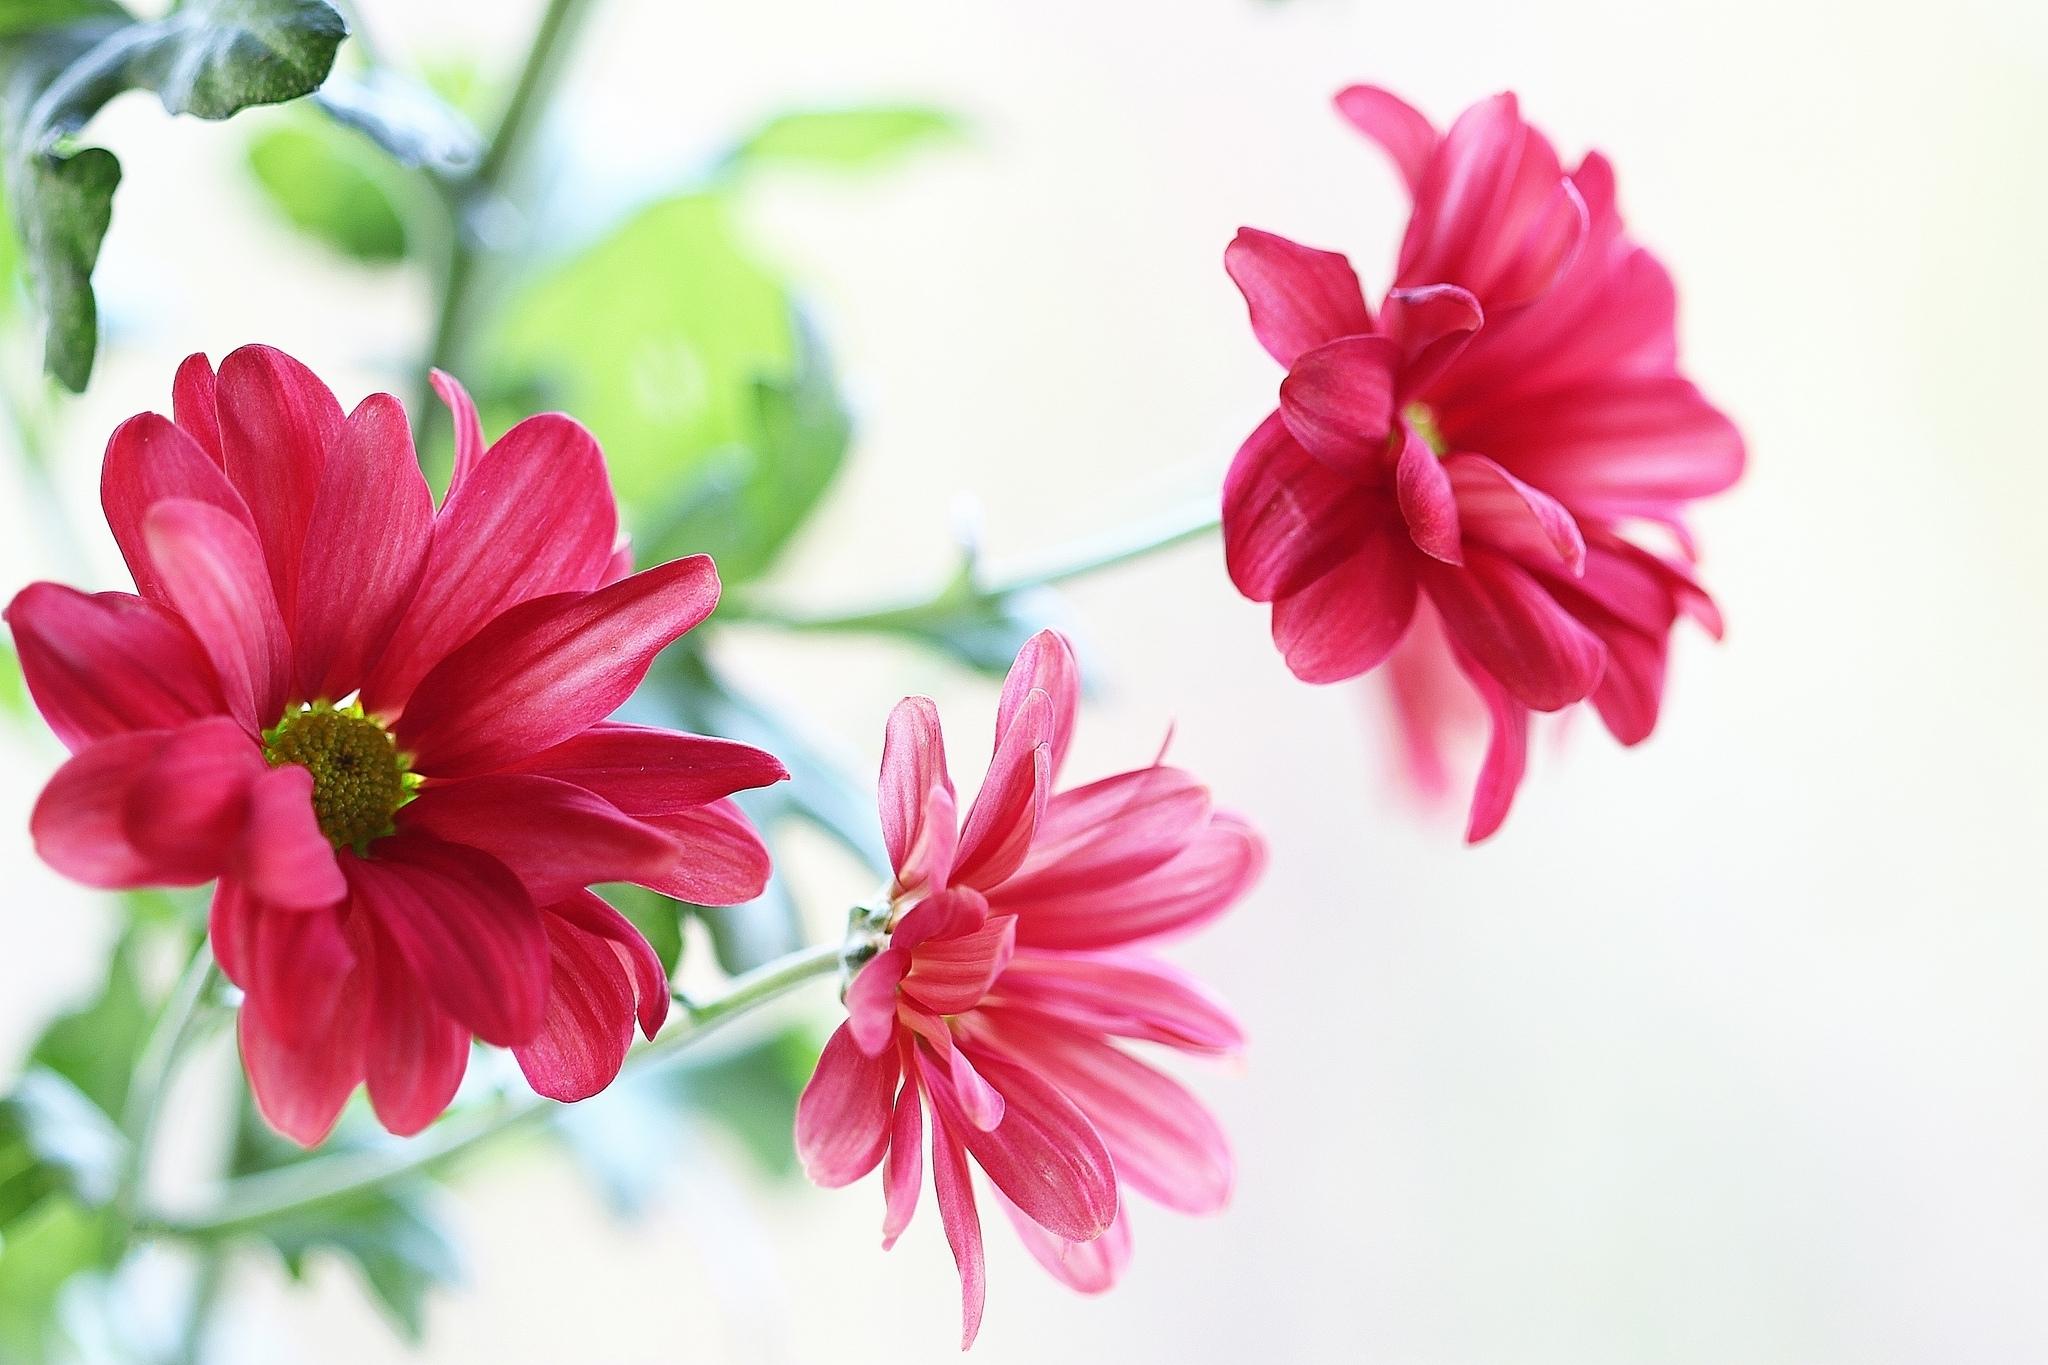 хризантема цветы  № 1353149 бесплатно